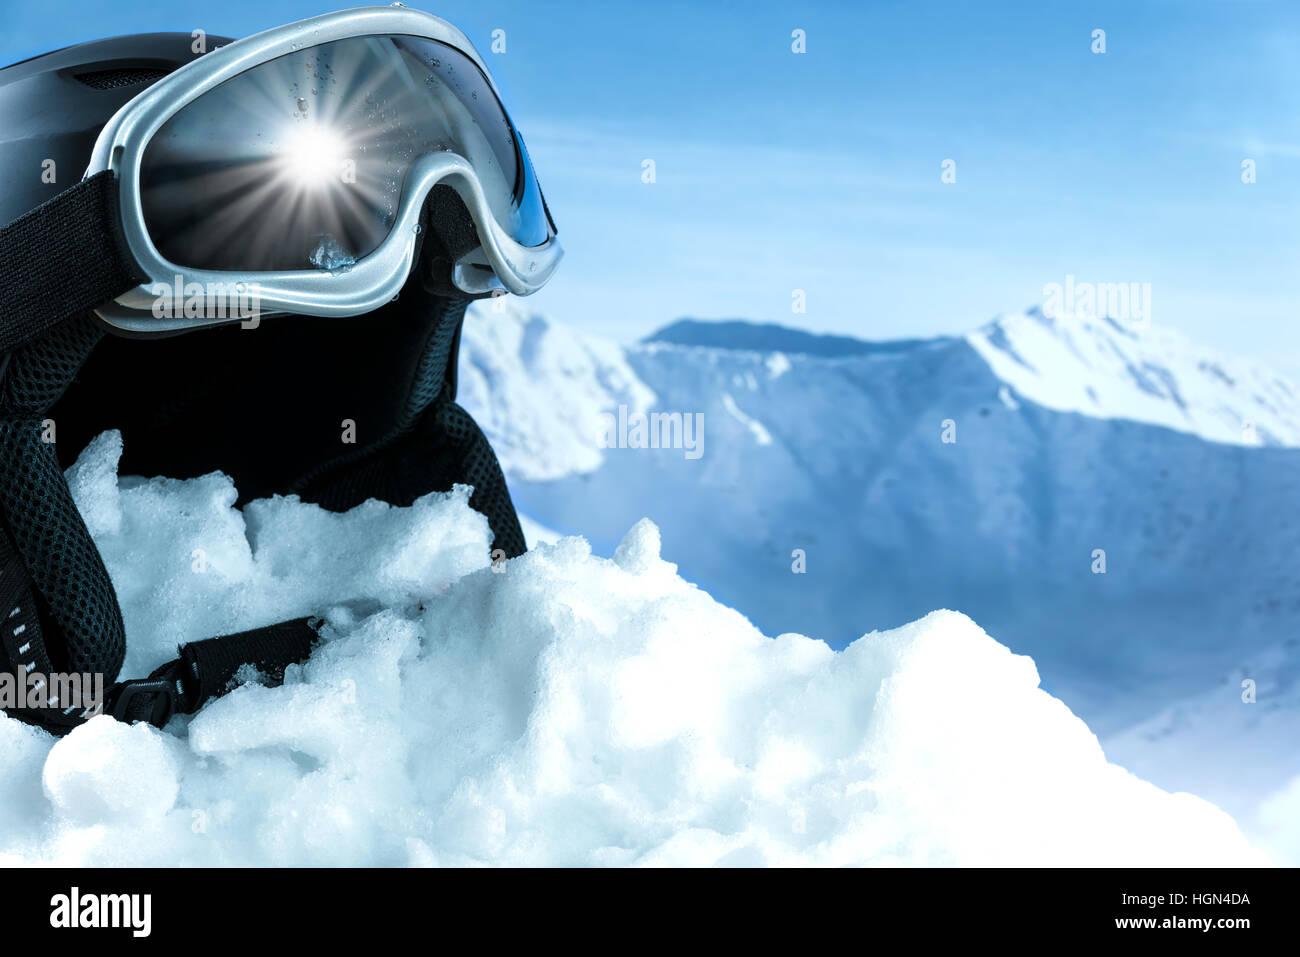 Casco e occhiali da sci sulla neve con un cielo blu e montagne Immagini Stock